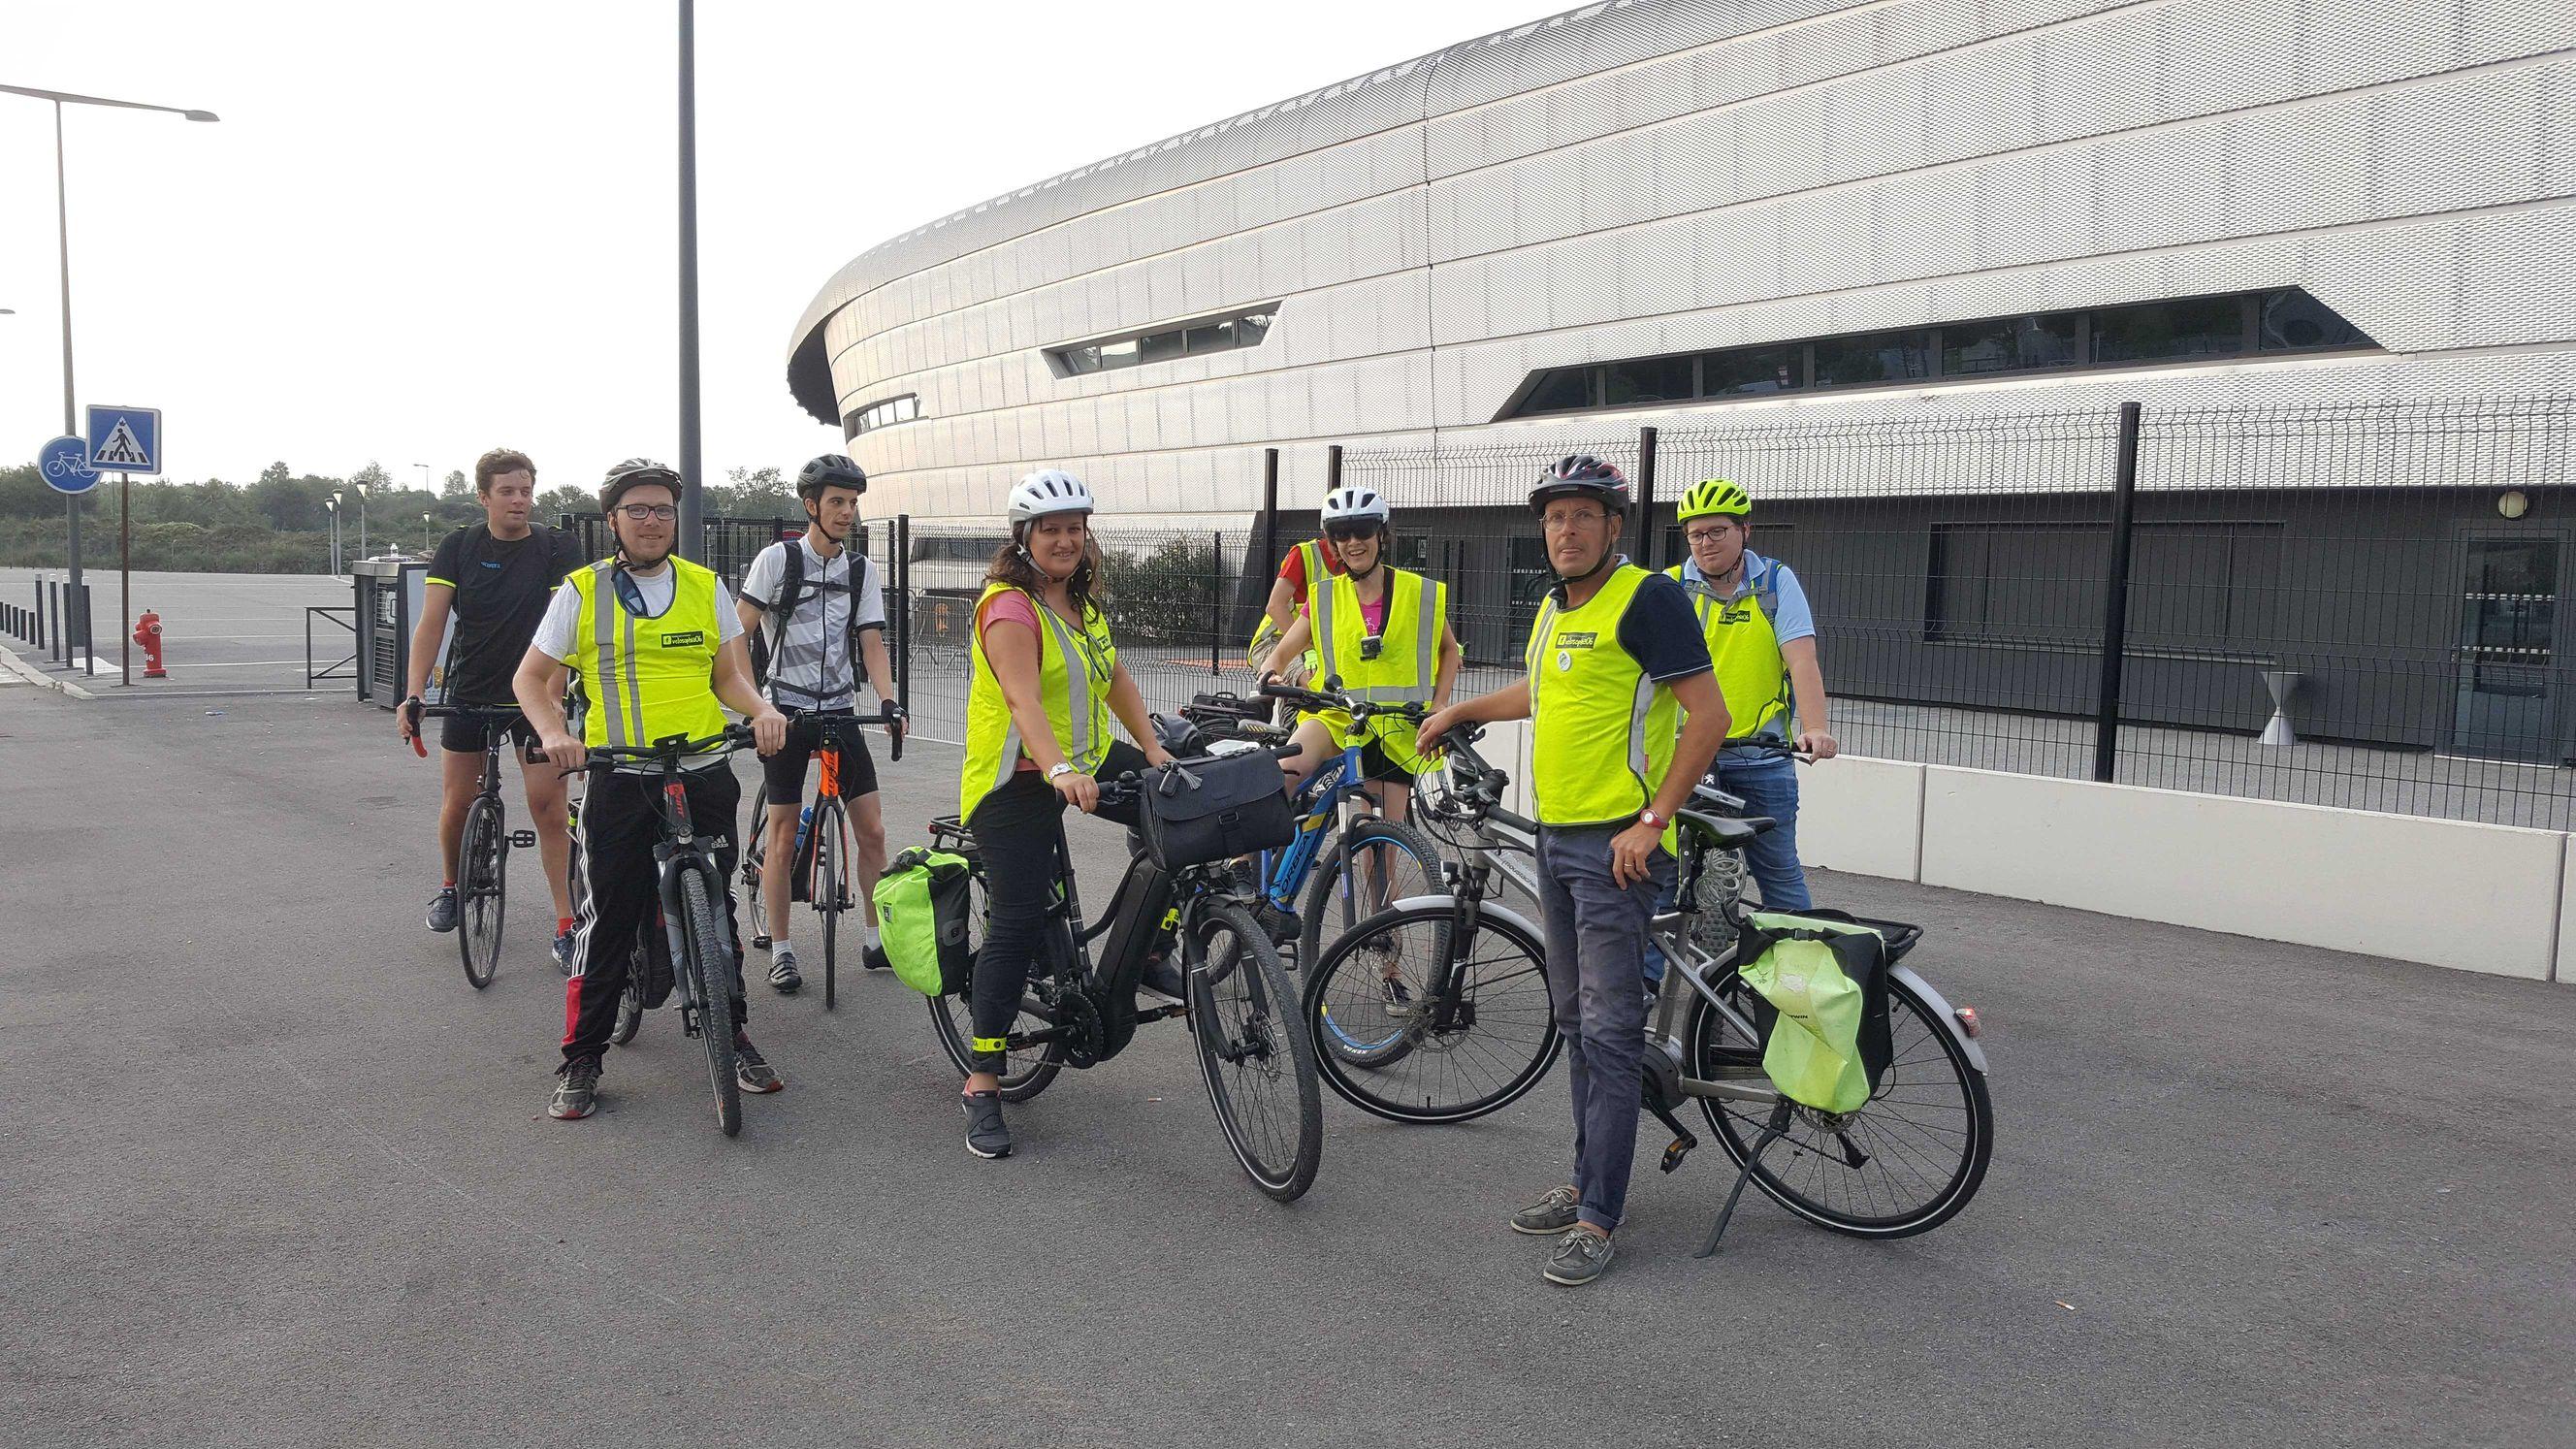 Cyclistes lors du Convoi vélo lors du Challenge mobilité 2019